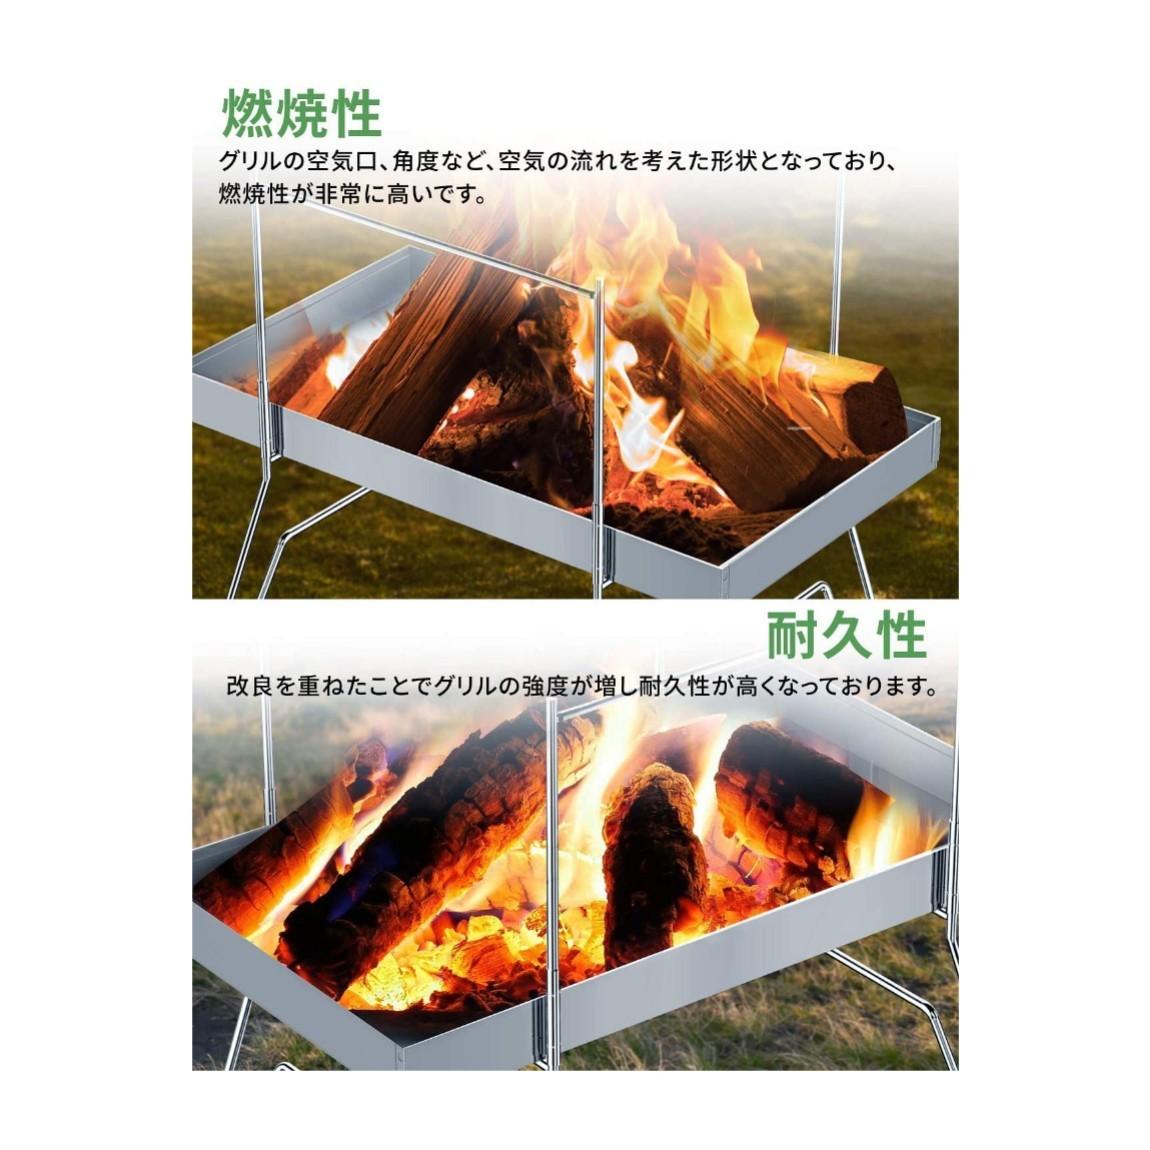 ★焚き火台 折りたたみ★ 焚火台 バーベキューコンロ 2人から4人用